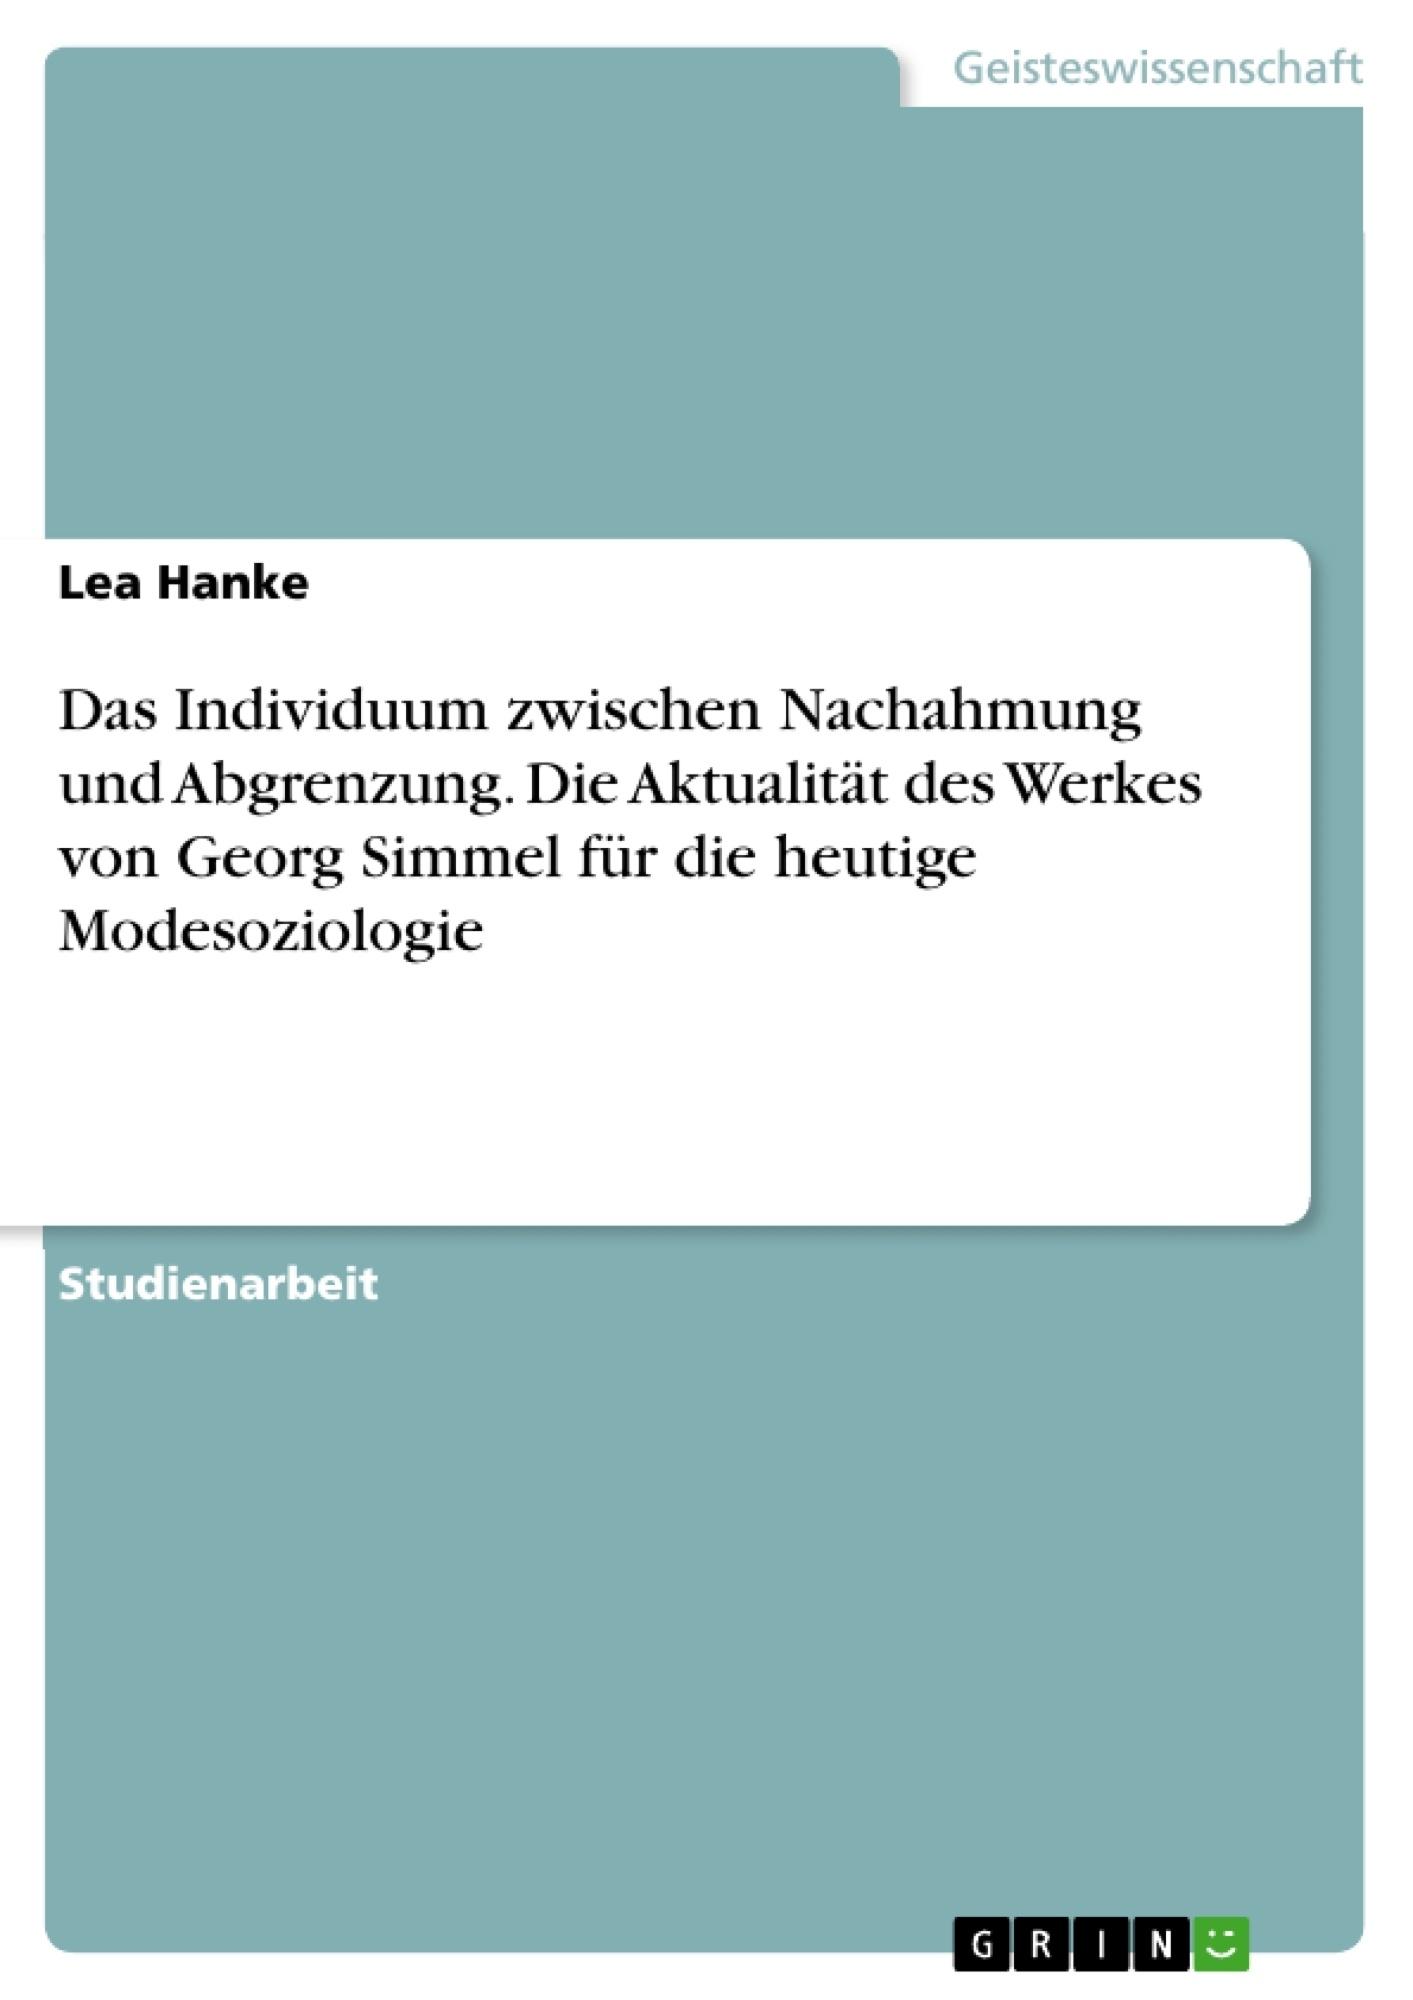 Titel: Das Individuum zwischen Nachahmung und Abgrenzung. Die Aktualität des Werkes von Georg Simmel für die heutige Modesoziologie